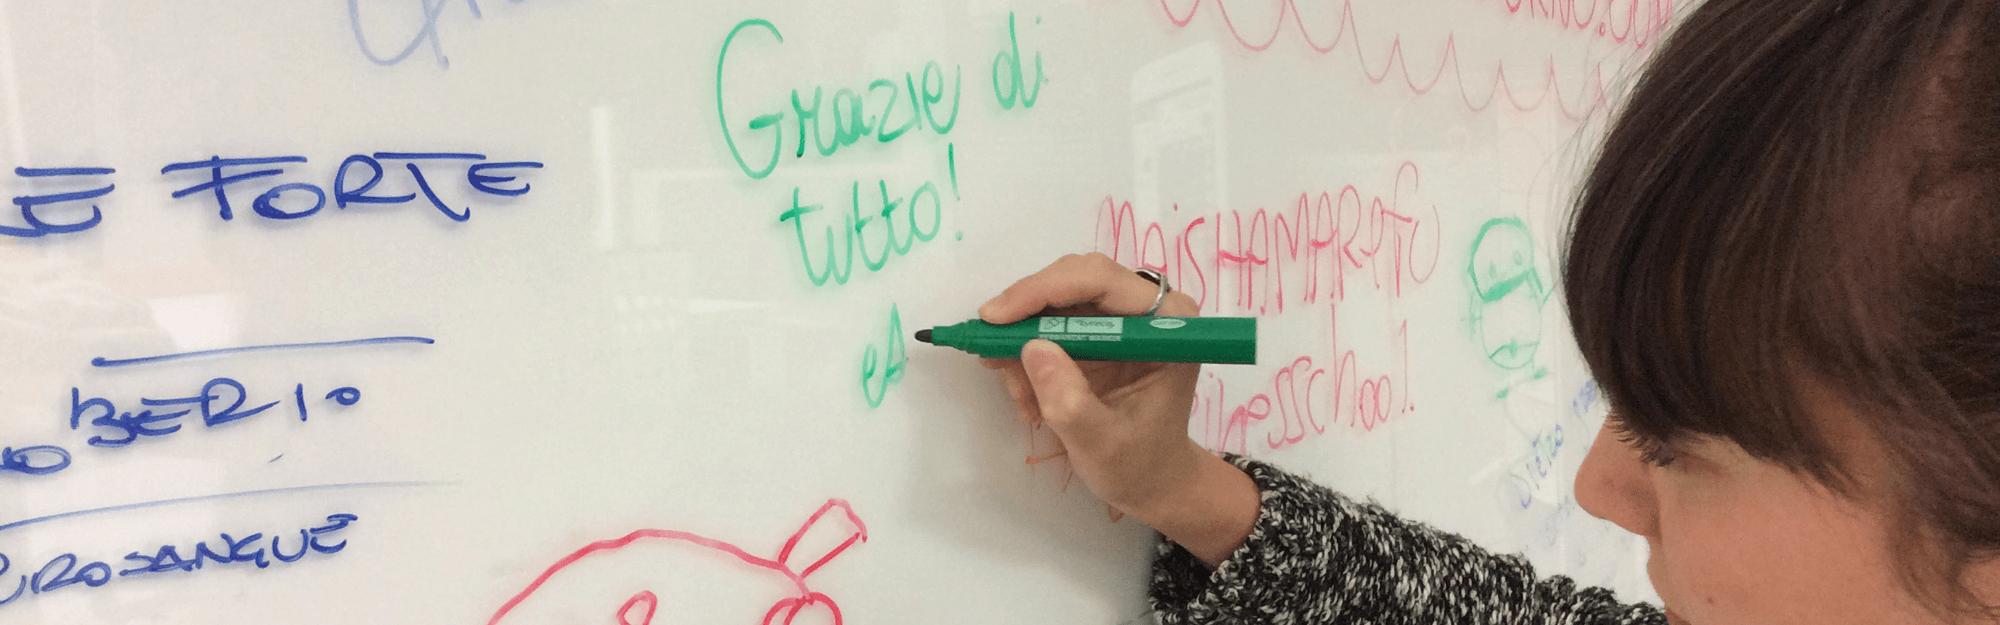 IQUII Careers: Alessandra Aglietti racconta la sua esperienza